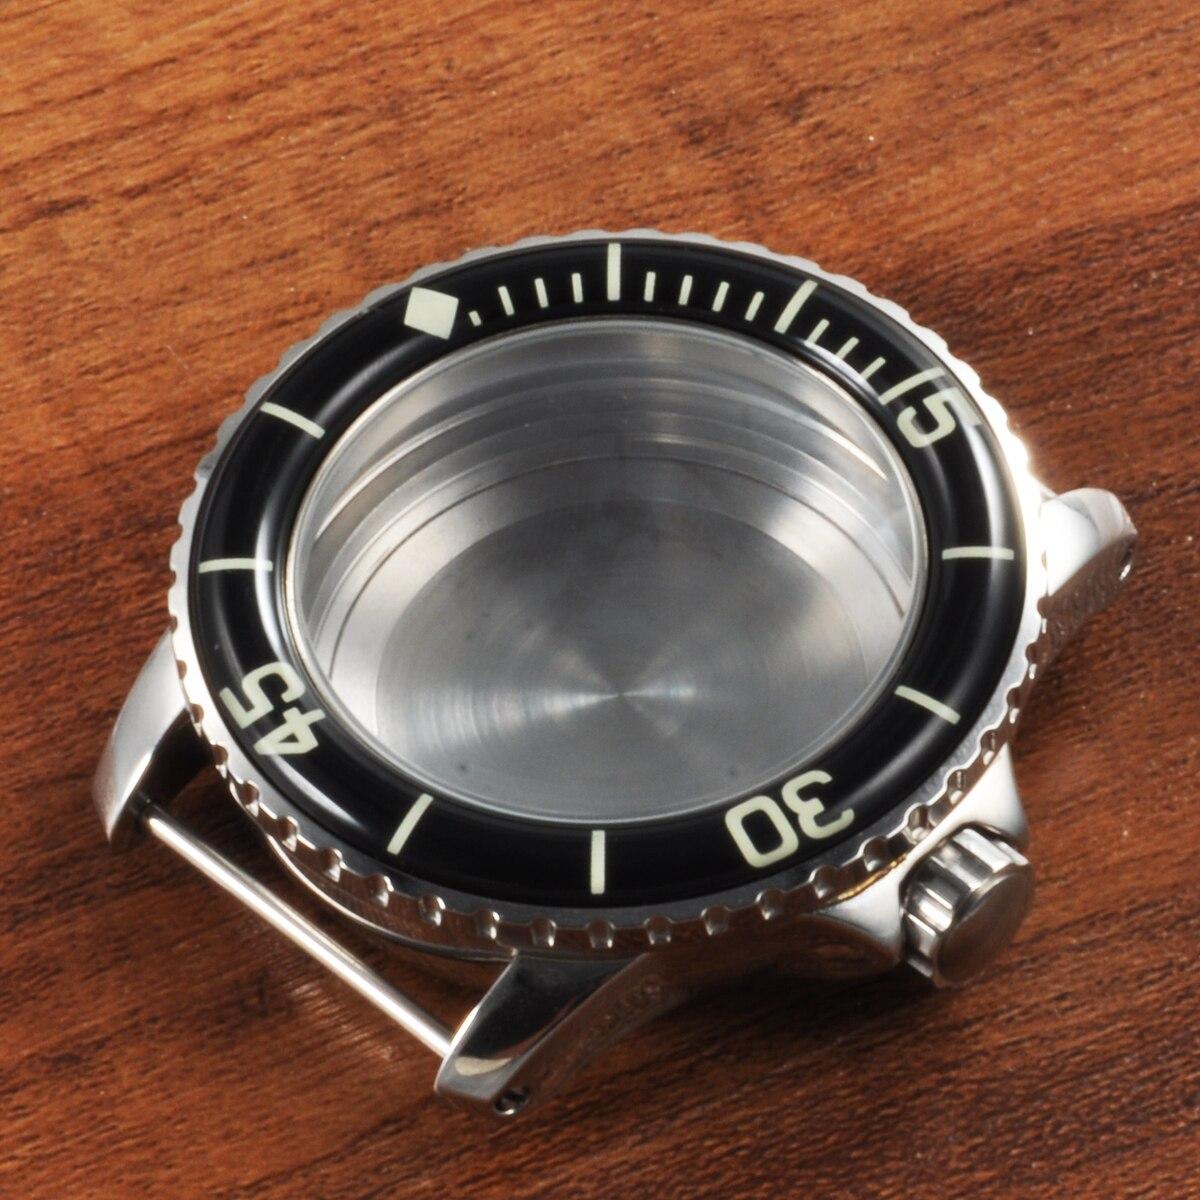 Corgeut Relógio Masculino Asséptico Case Ajuste Eta2836 Miyota 821a – 8215 Movimento Automático Mecânico Preto Círculo 316l ss 45mm